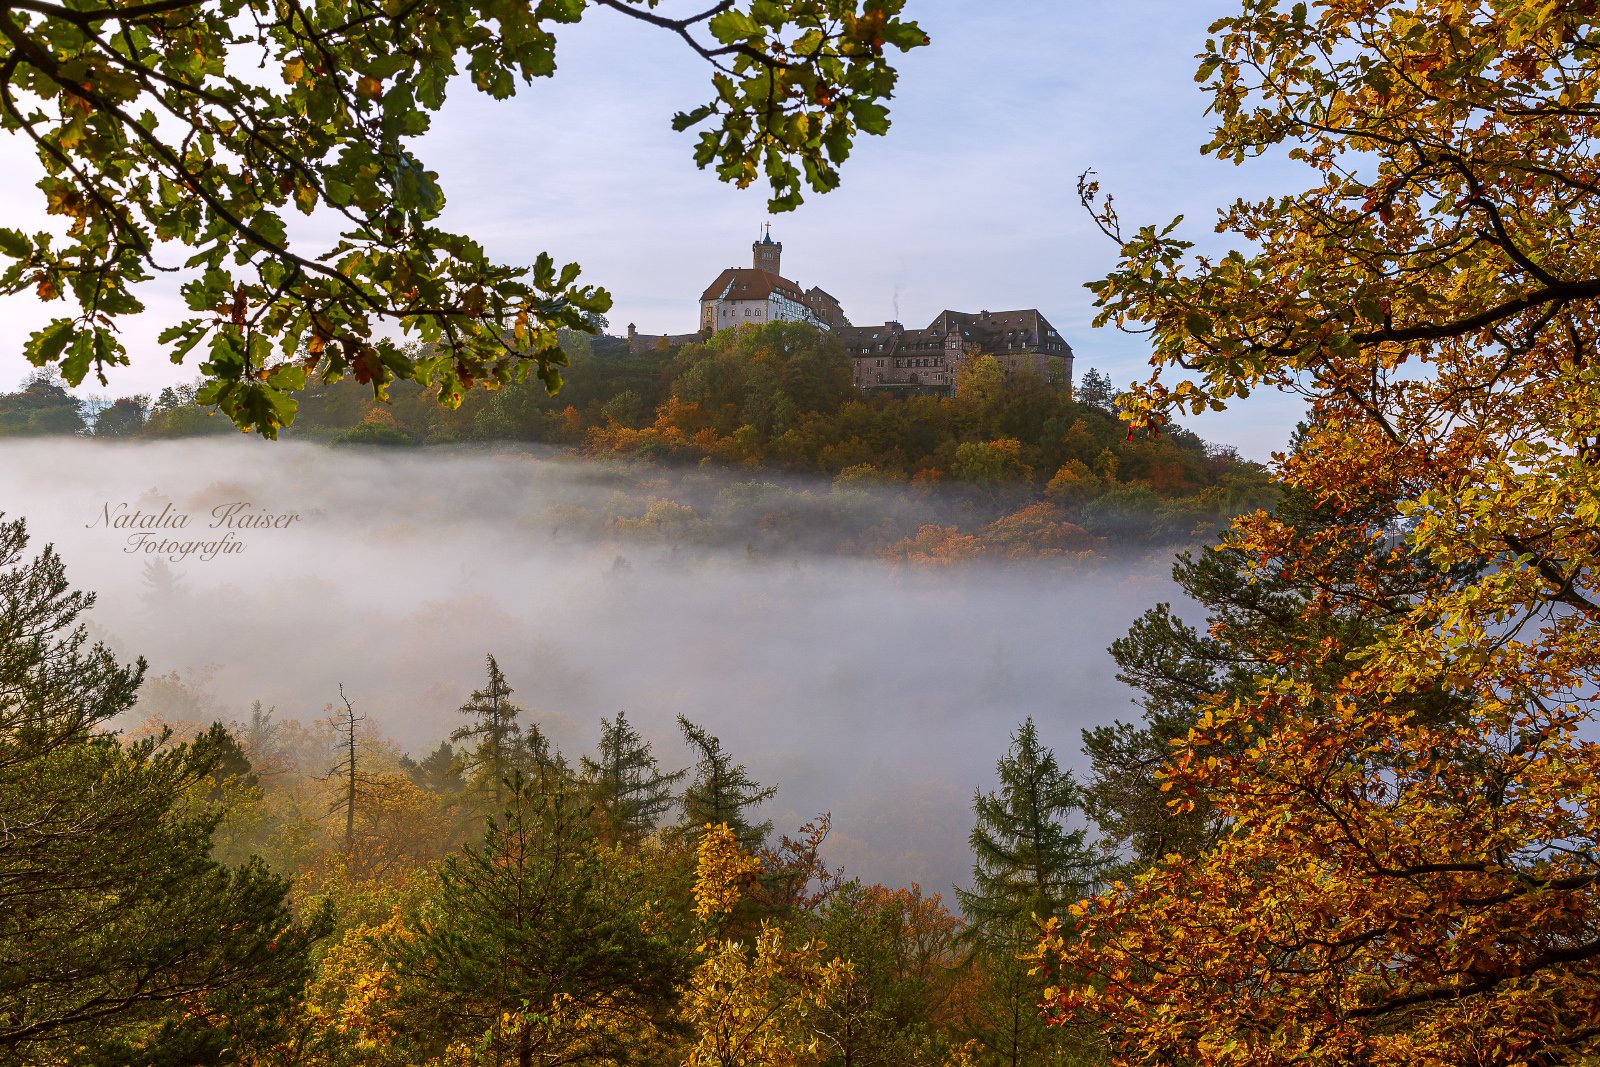 wartburg, deutschland, thüringen, burg, замок, вартбург, Кайзер Наталья